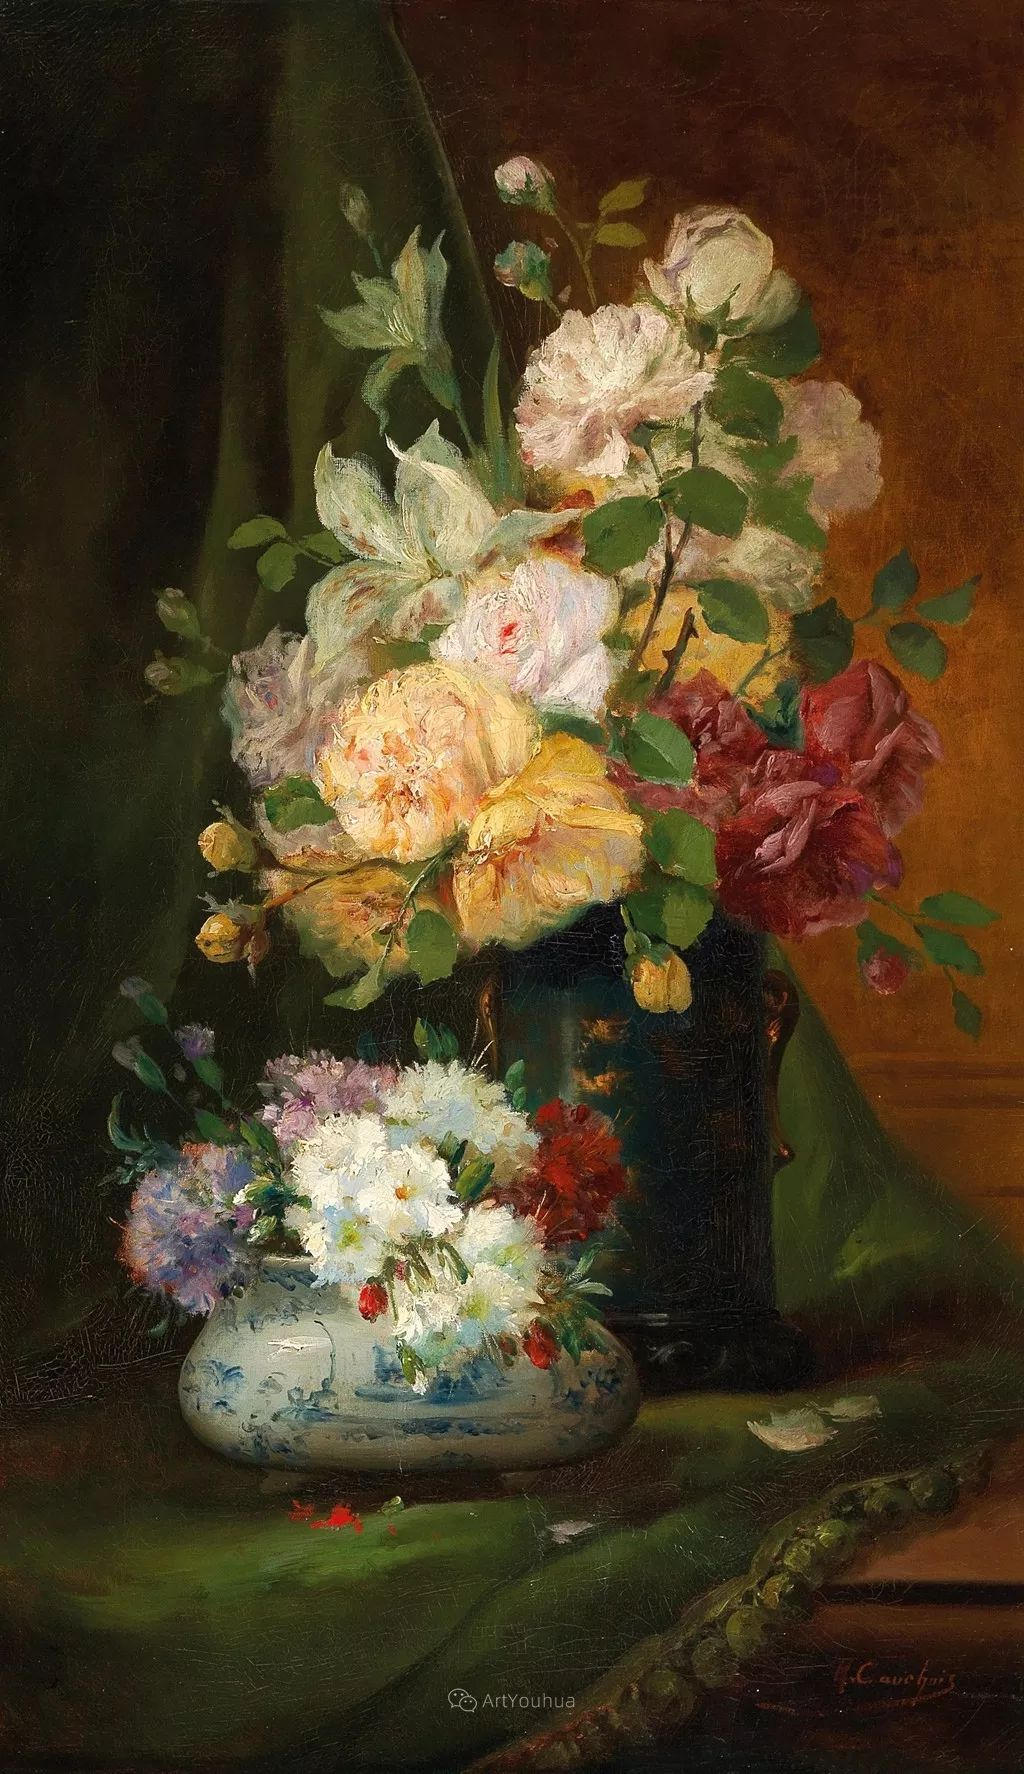 花卉的绽放之美,法国艺术家Eugene Henri Cauchois插图17